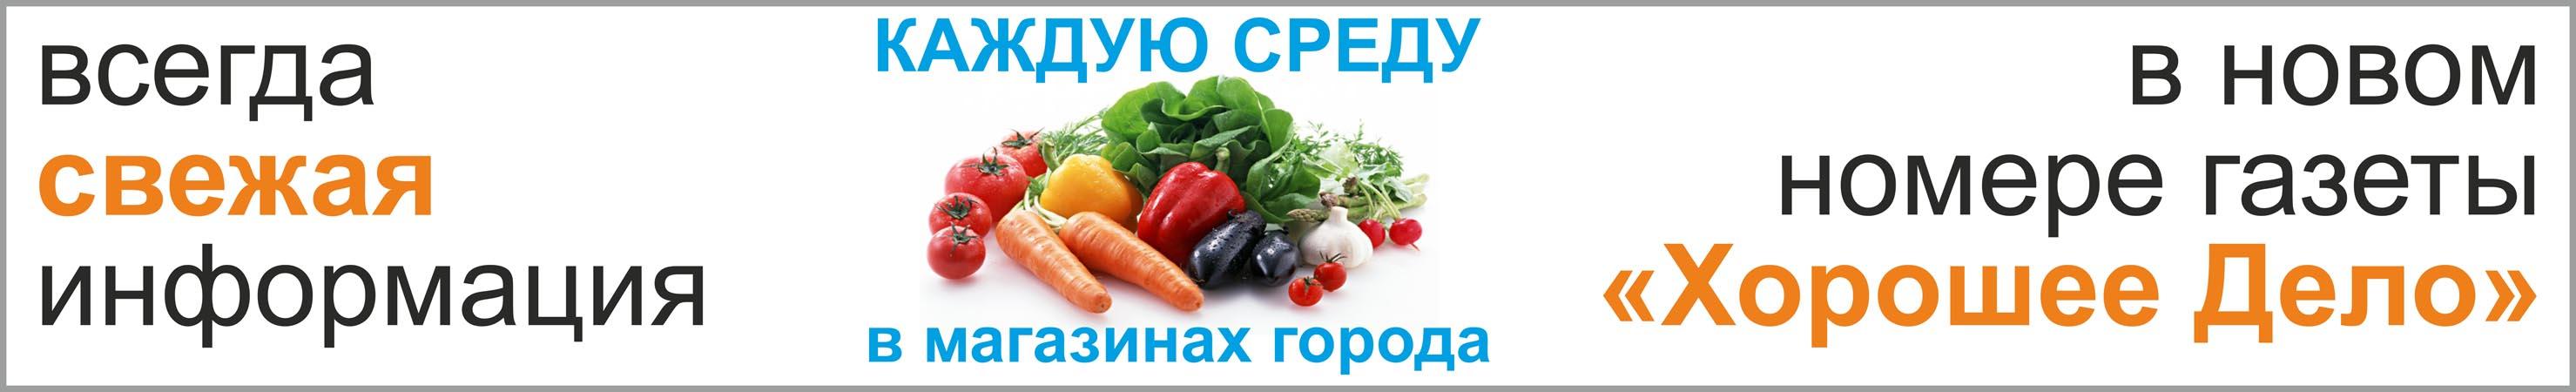 Все новости украины и мира последние